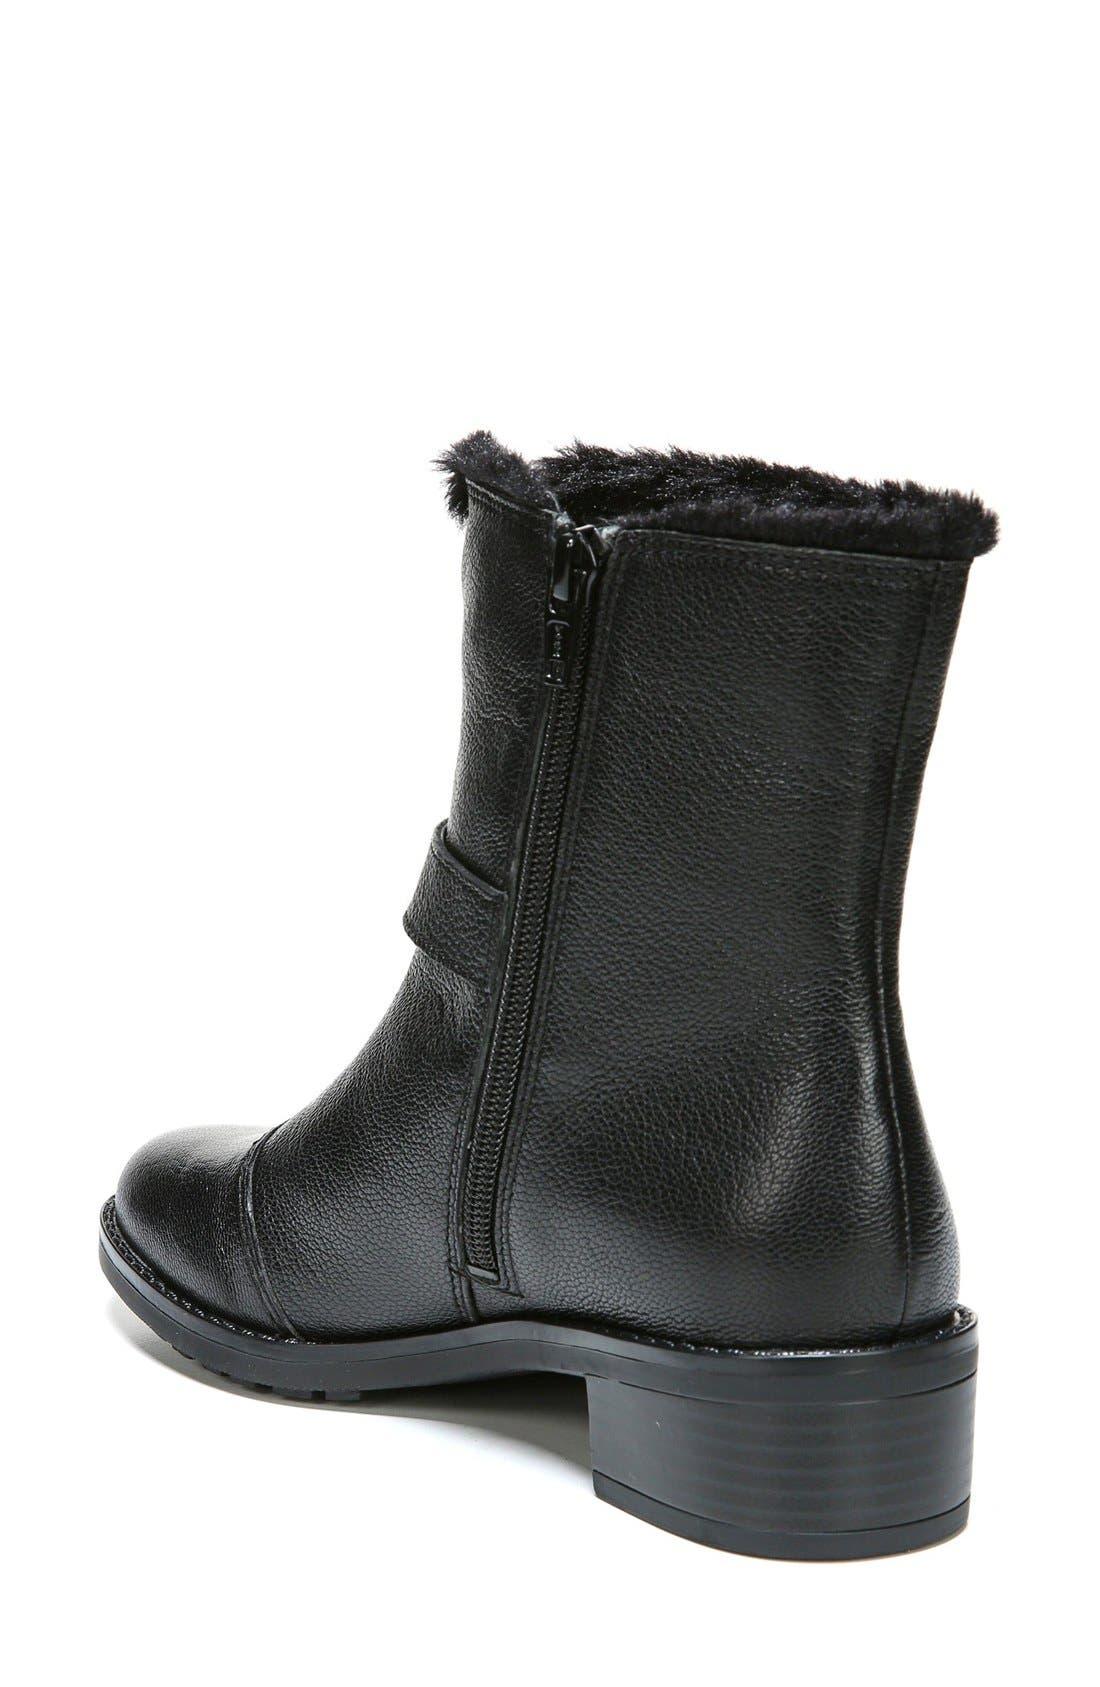 'Madera' Boot,                             Alternate thumbnail 2, color,                             001